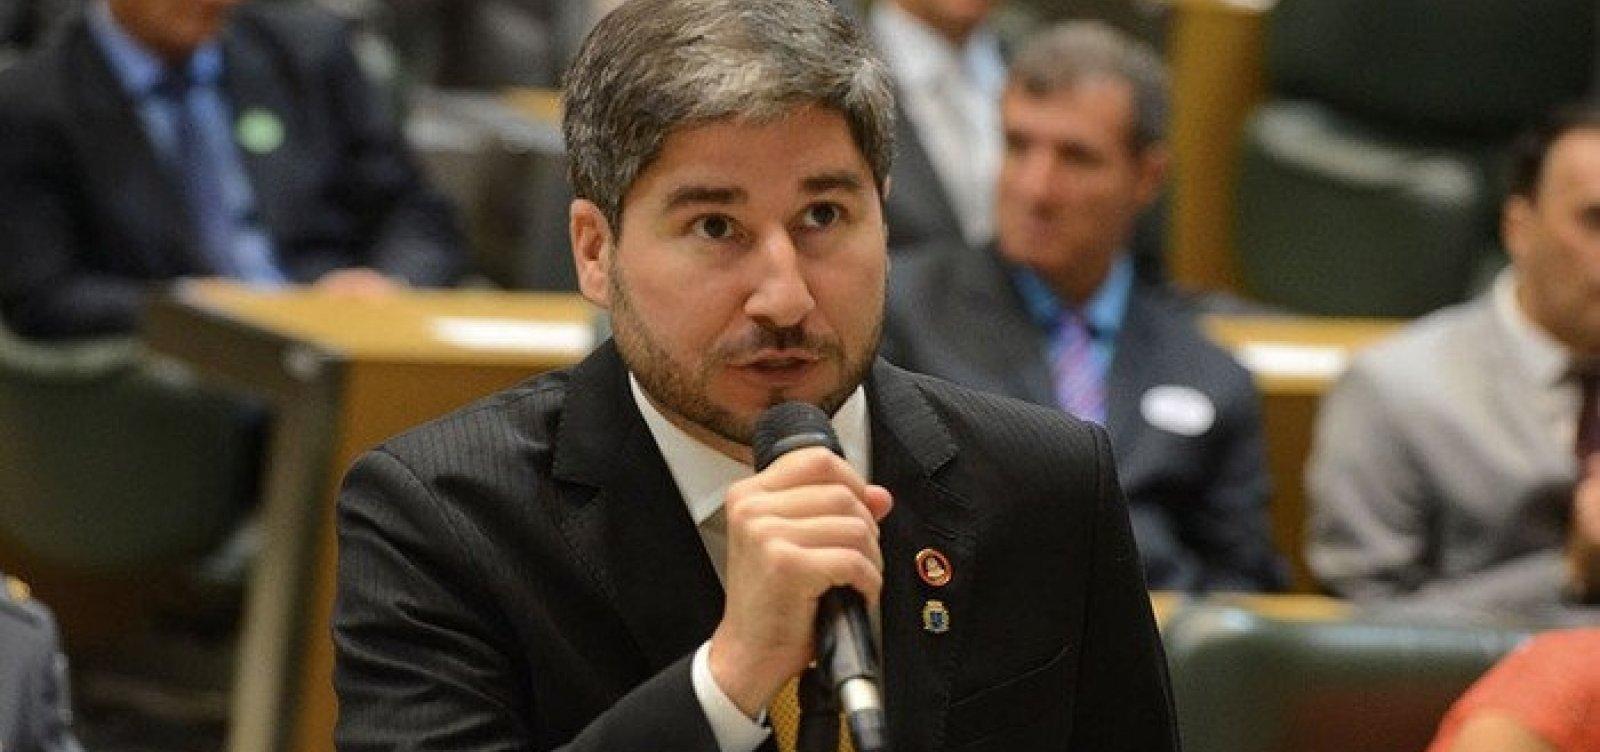 Deputado que assediou colega parlamentar consegue liminar que suspende processo disciplinar do partido